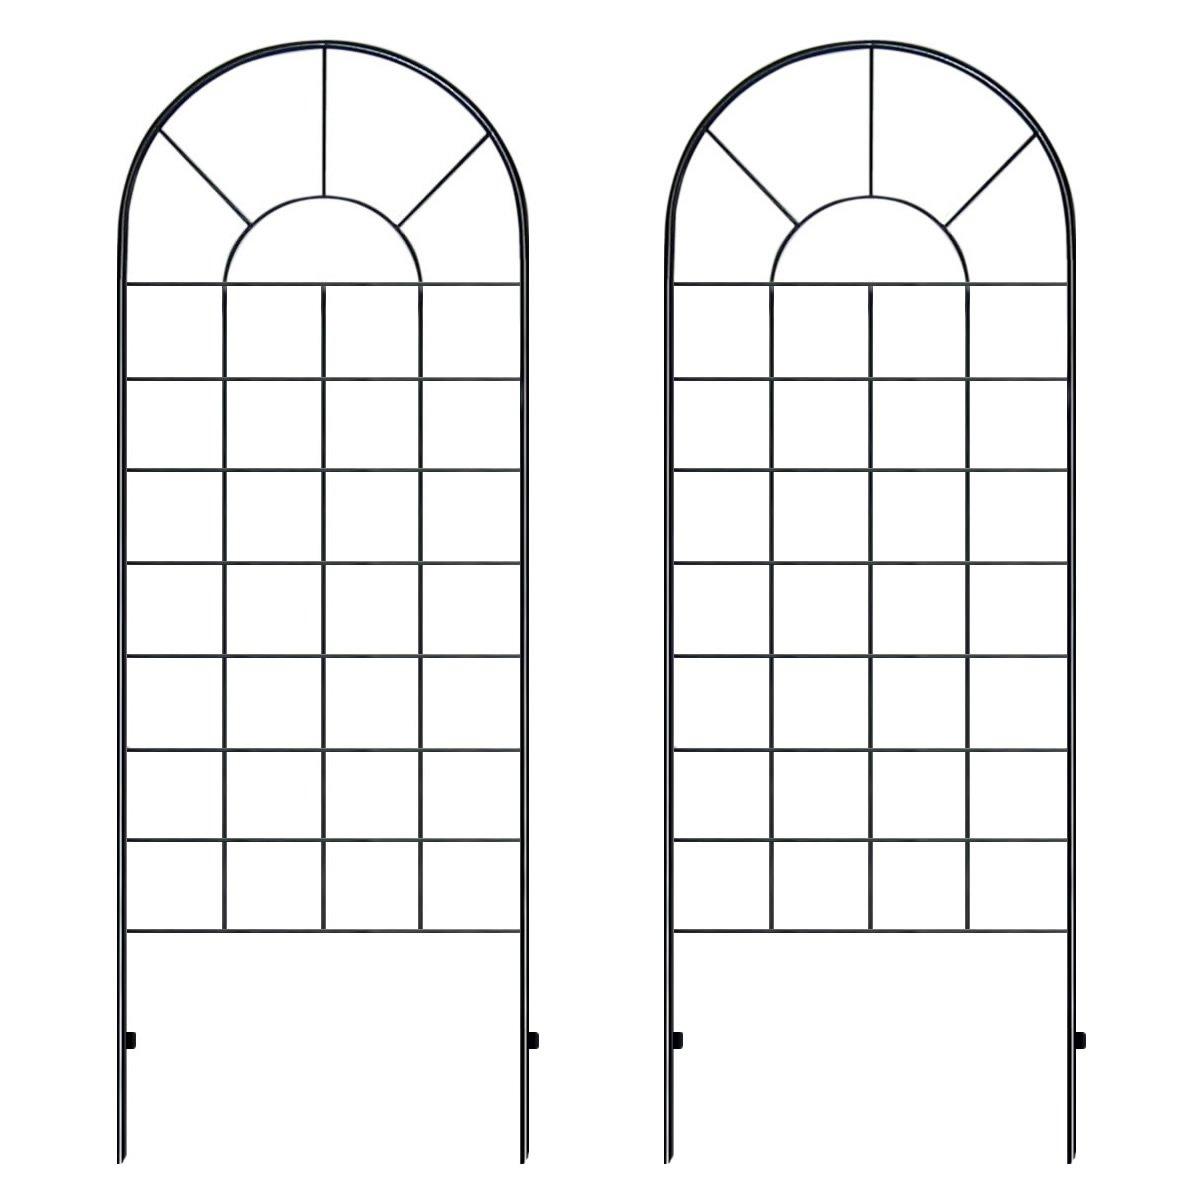 クラシックハイフェンス ハイタイプ(全高220cm) ブラック アイアン 4枚セット YBIF-220-2PX2 B0083QTPDQ 220cm (4枚セット)